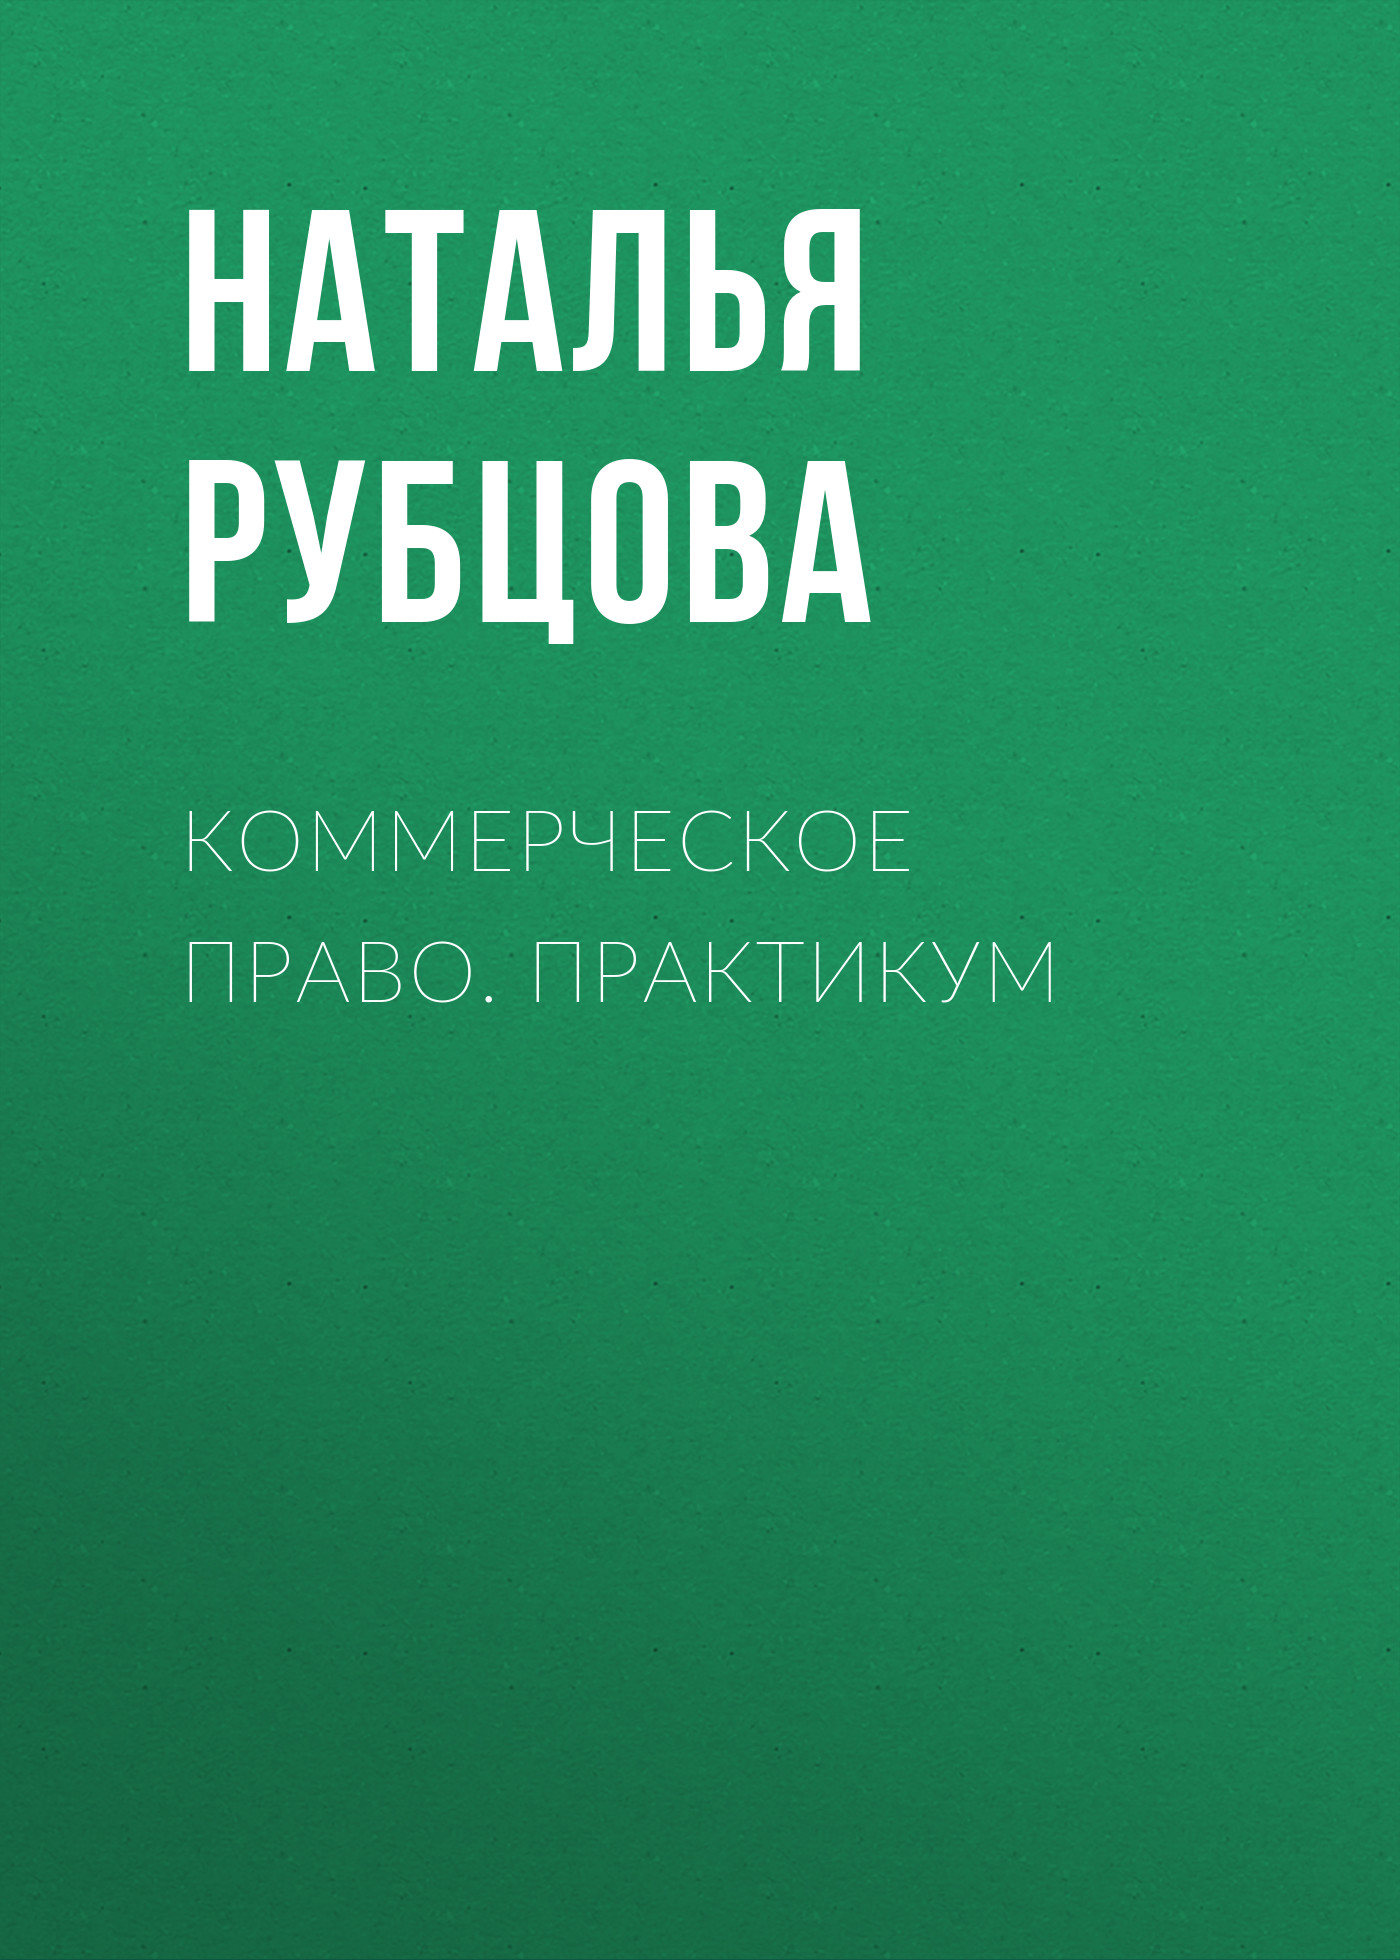 Наталья Васильевна Рубцова Коммерческое право. Практикум коллектив авторов коммерческое право практикум